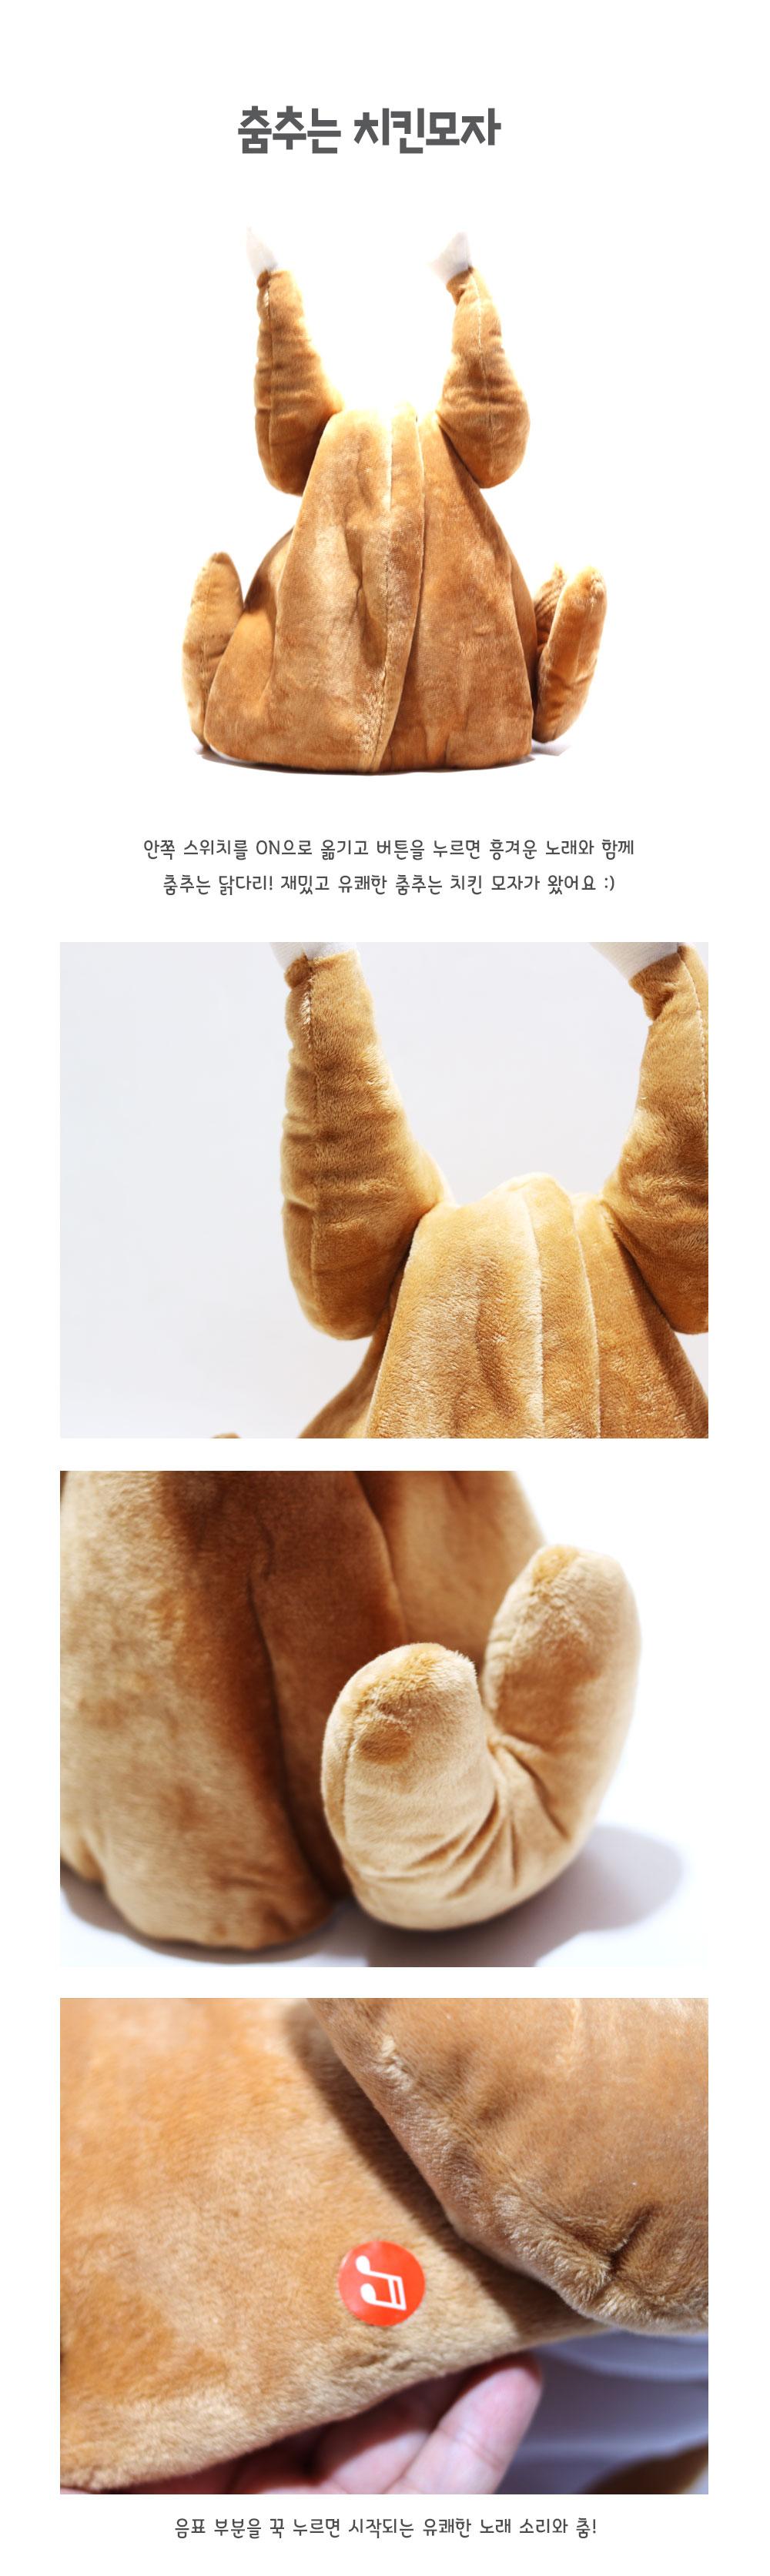 30000춤추는치킨모자 - 아트윈, 29,900원, 모자, 밀짚모자